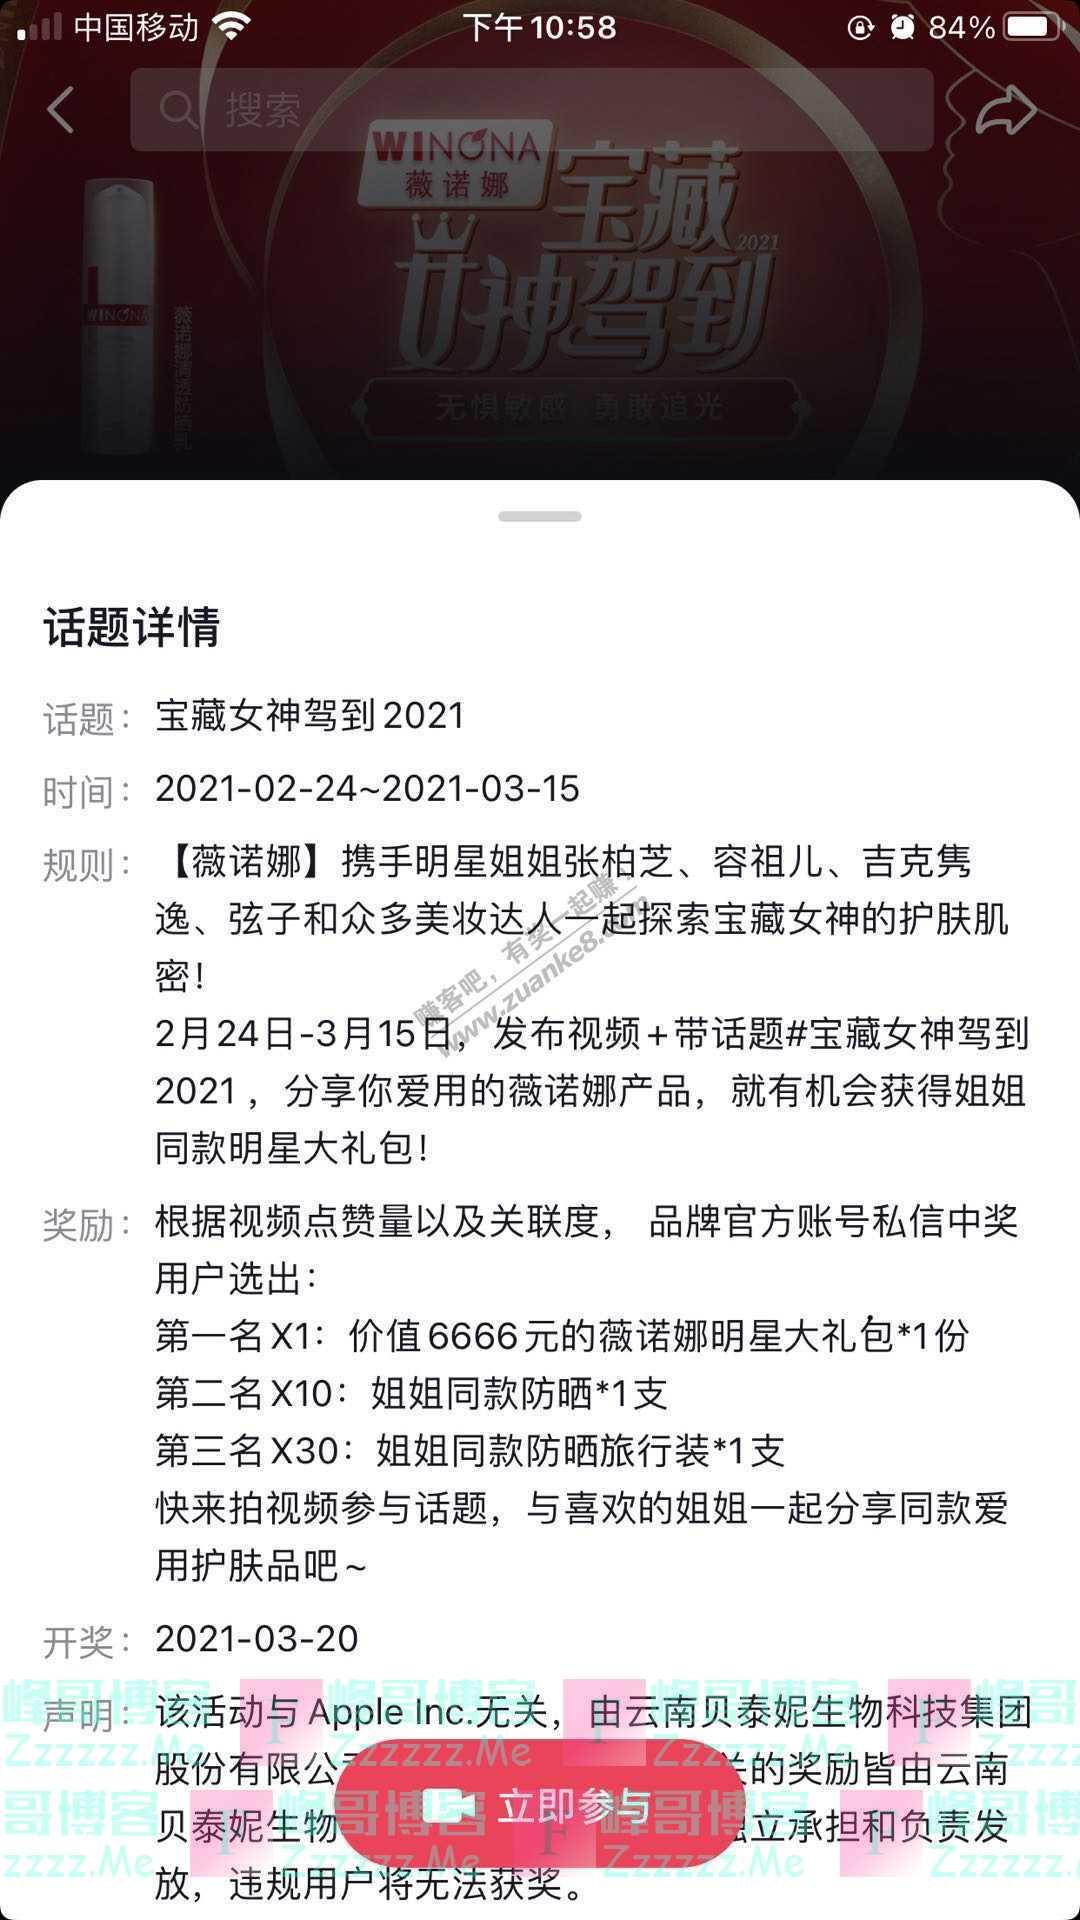 薇诺娜宝藏女神驾到2021(截止3月15日)